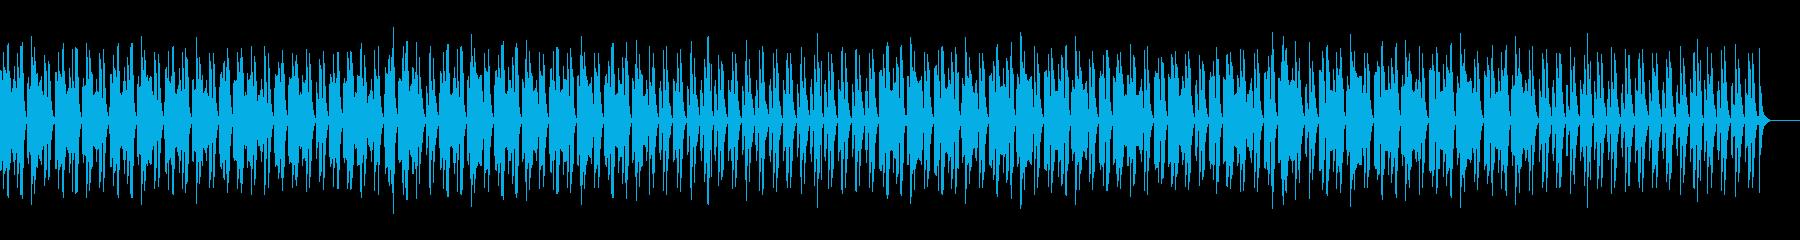 無気力なホルン・マリンバ・コミカルの再生済みの波形